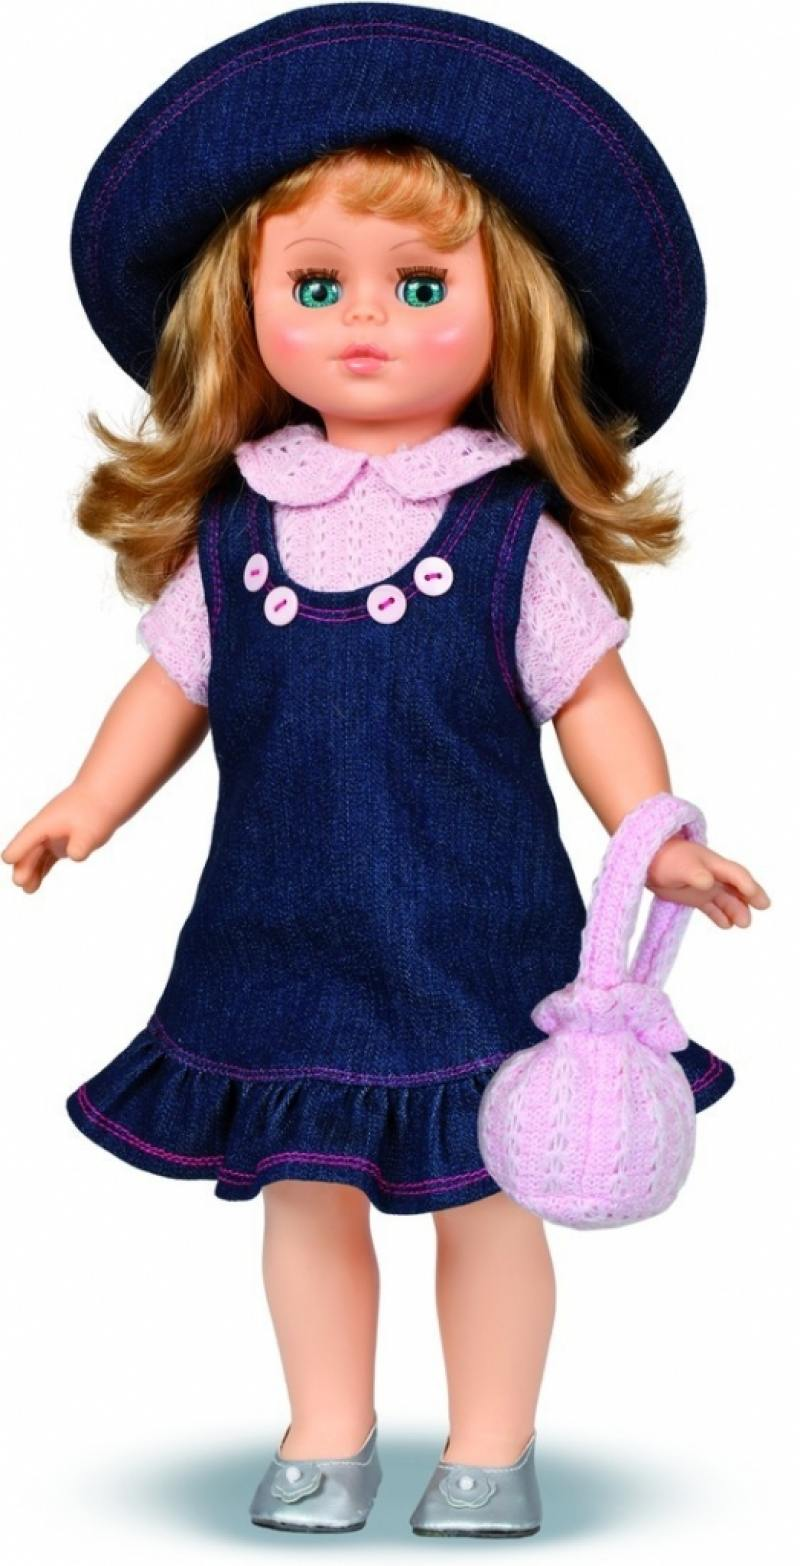 Кукла ВЕСНА Оля 14 (озвученная) В2141/о кукла весна наталья 7 озвученная в645 о